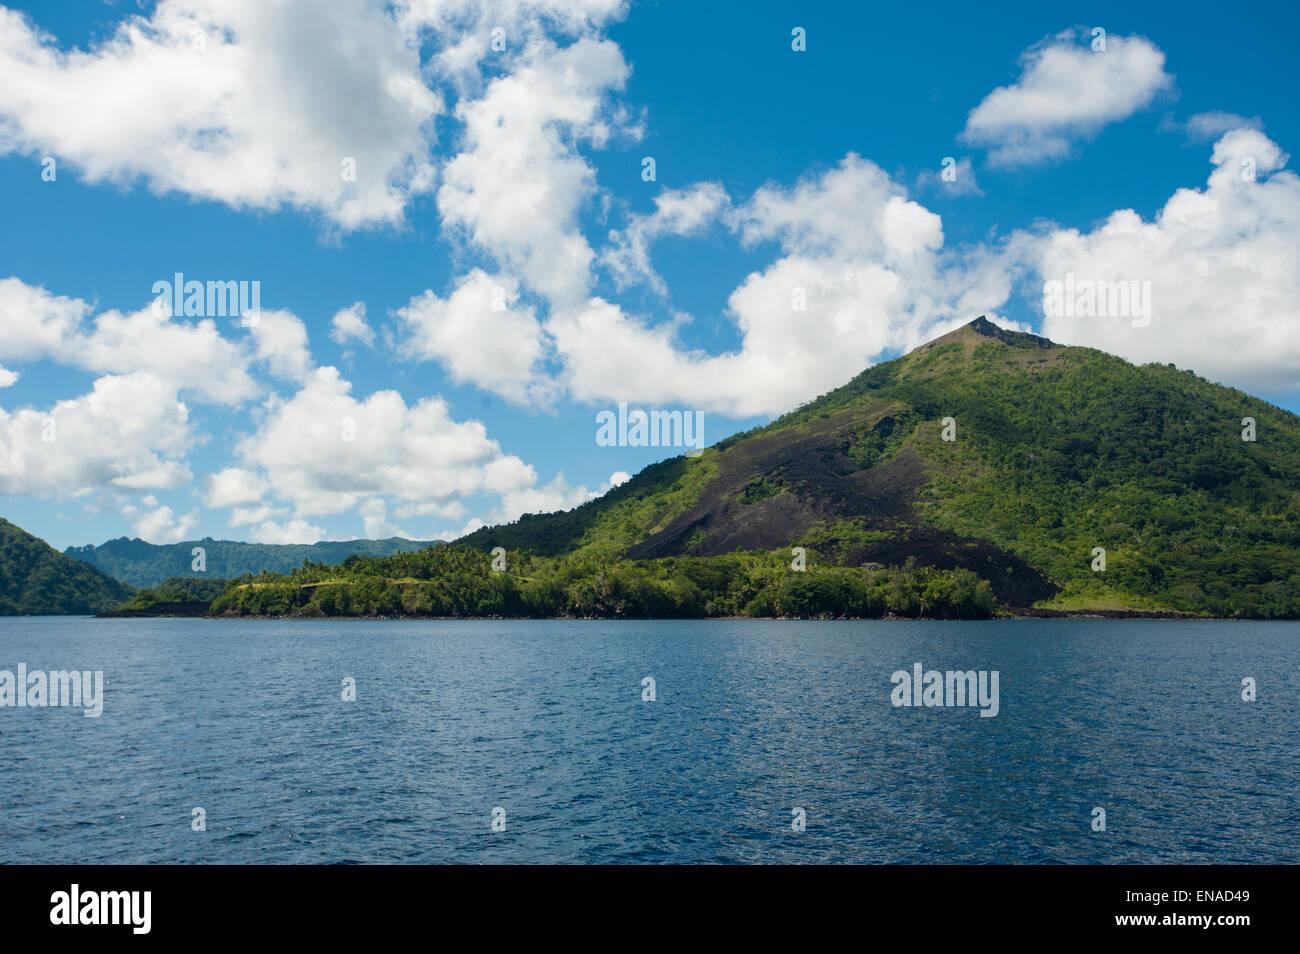 L'isola attivo vulcano di Banda nel Maluku provincia Indonesia Immagini Stock